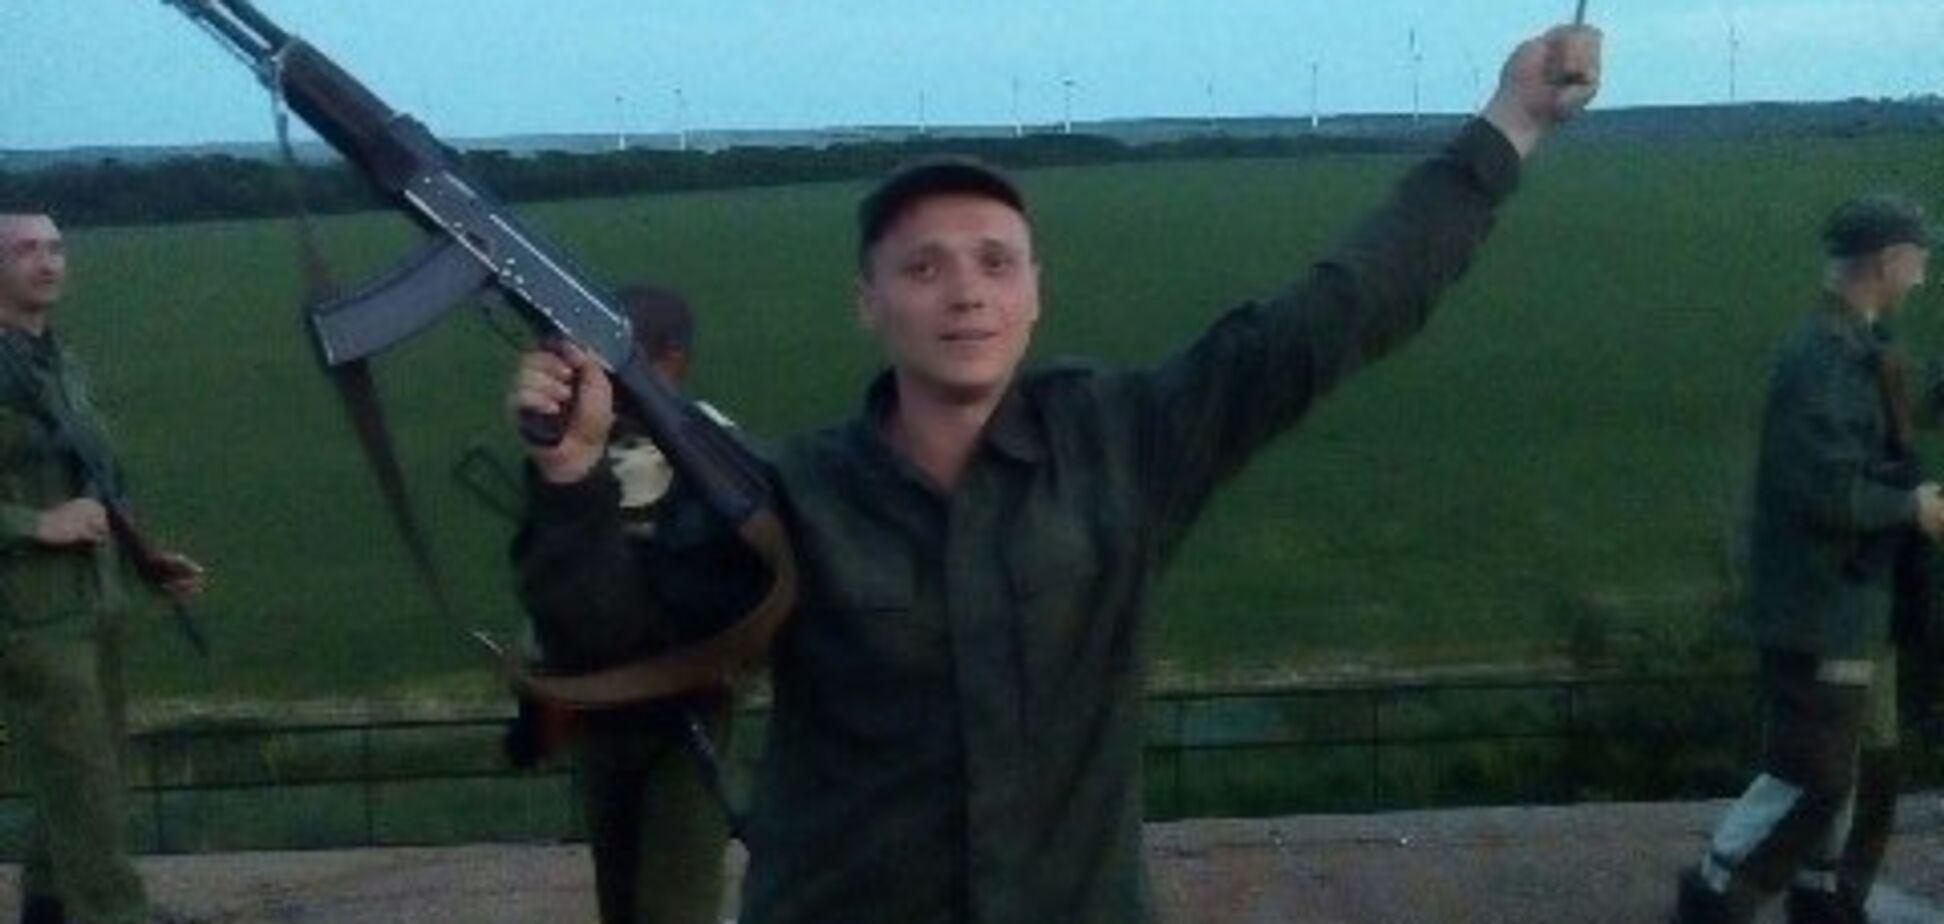 Новий вантаж '200': у мережі показали ліквідованого терориста 'ДНР'